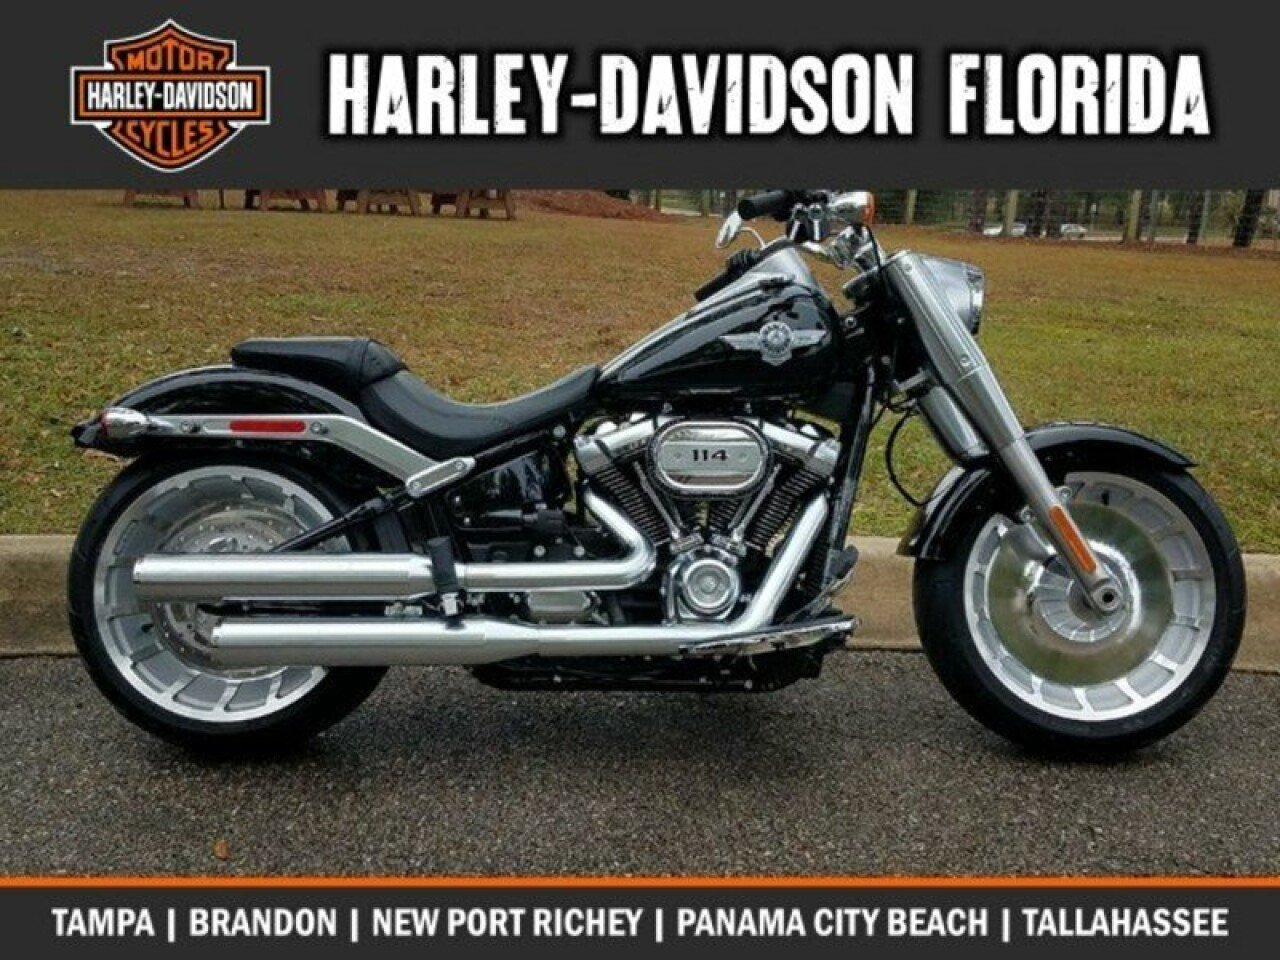 2018 Harley Davidson Softail Fat Boy 114 For Sale Near